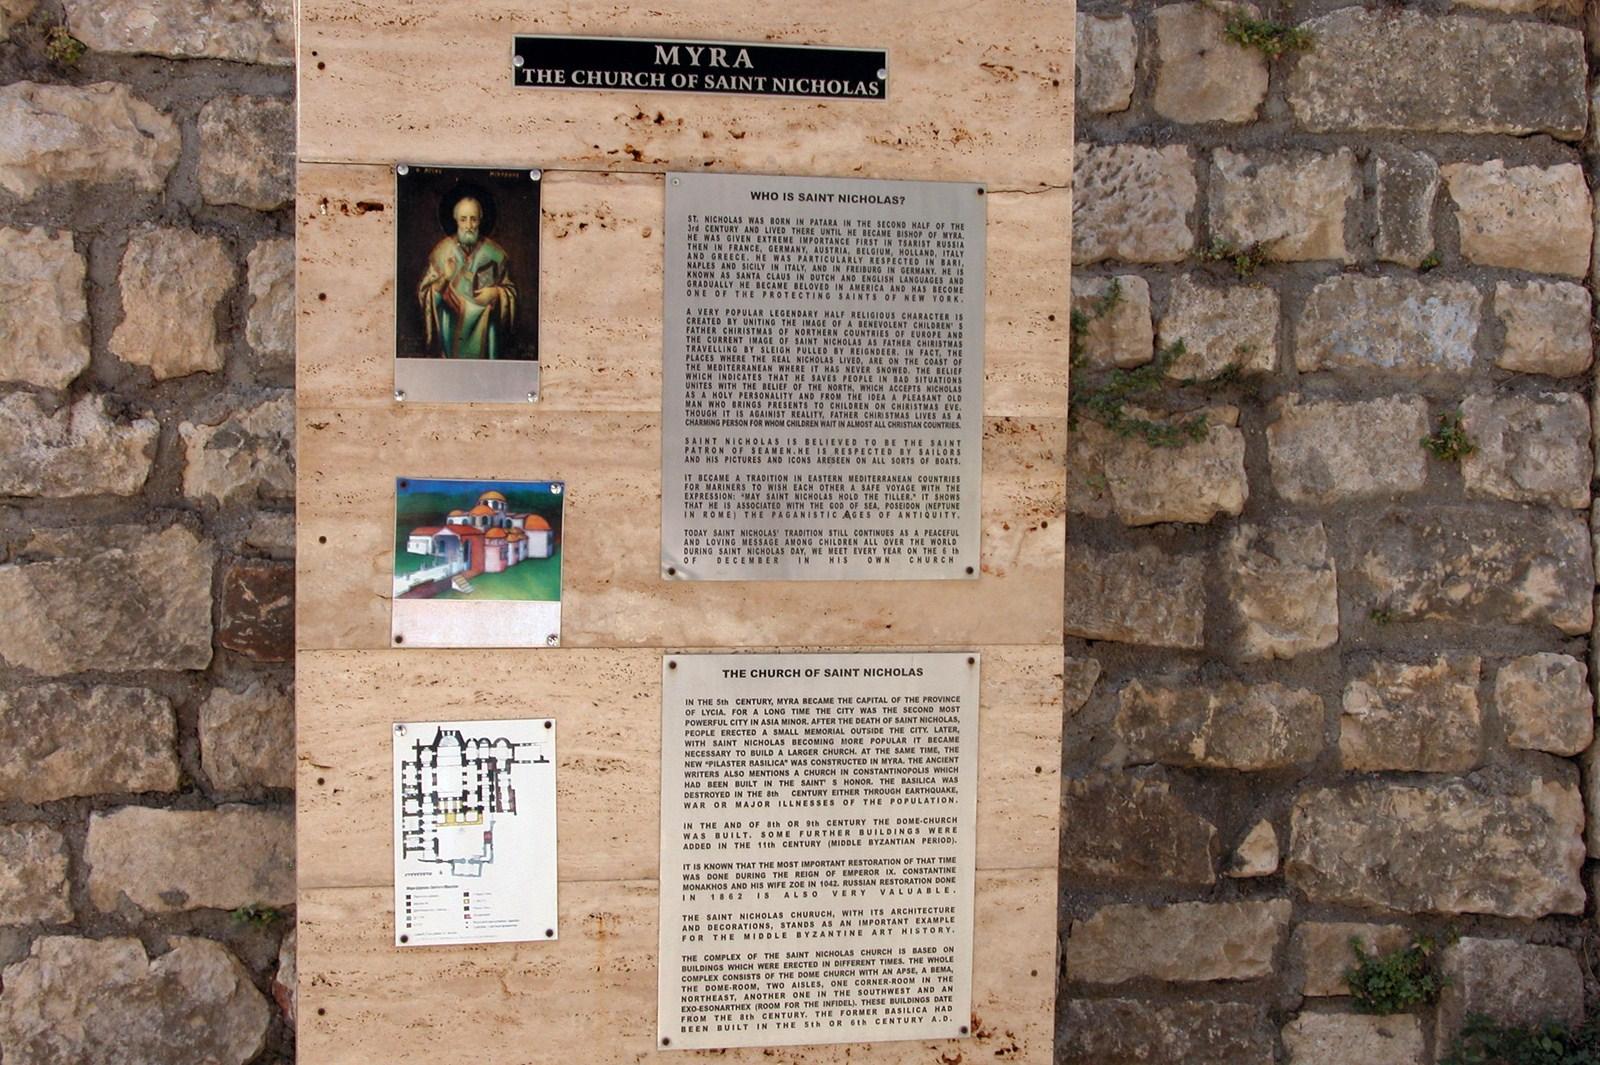 Historia de San Nicolás en la entrada de la iglesia en la que fue Obispo Santa Claus y su vida en Turquía - 16084770471 50b59b21e5 o - Santa Claus y su vida en Turquía